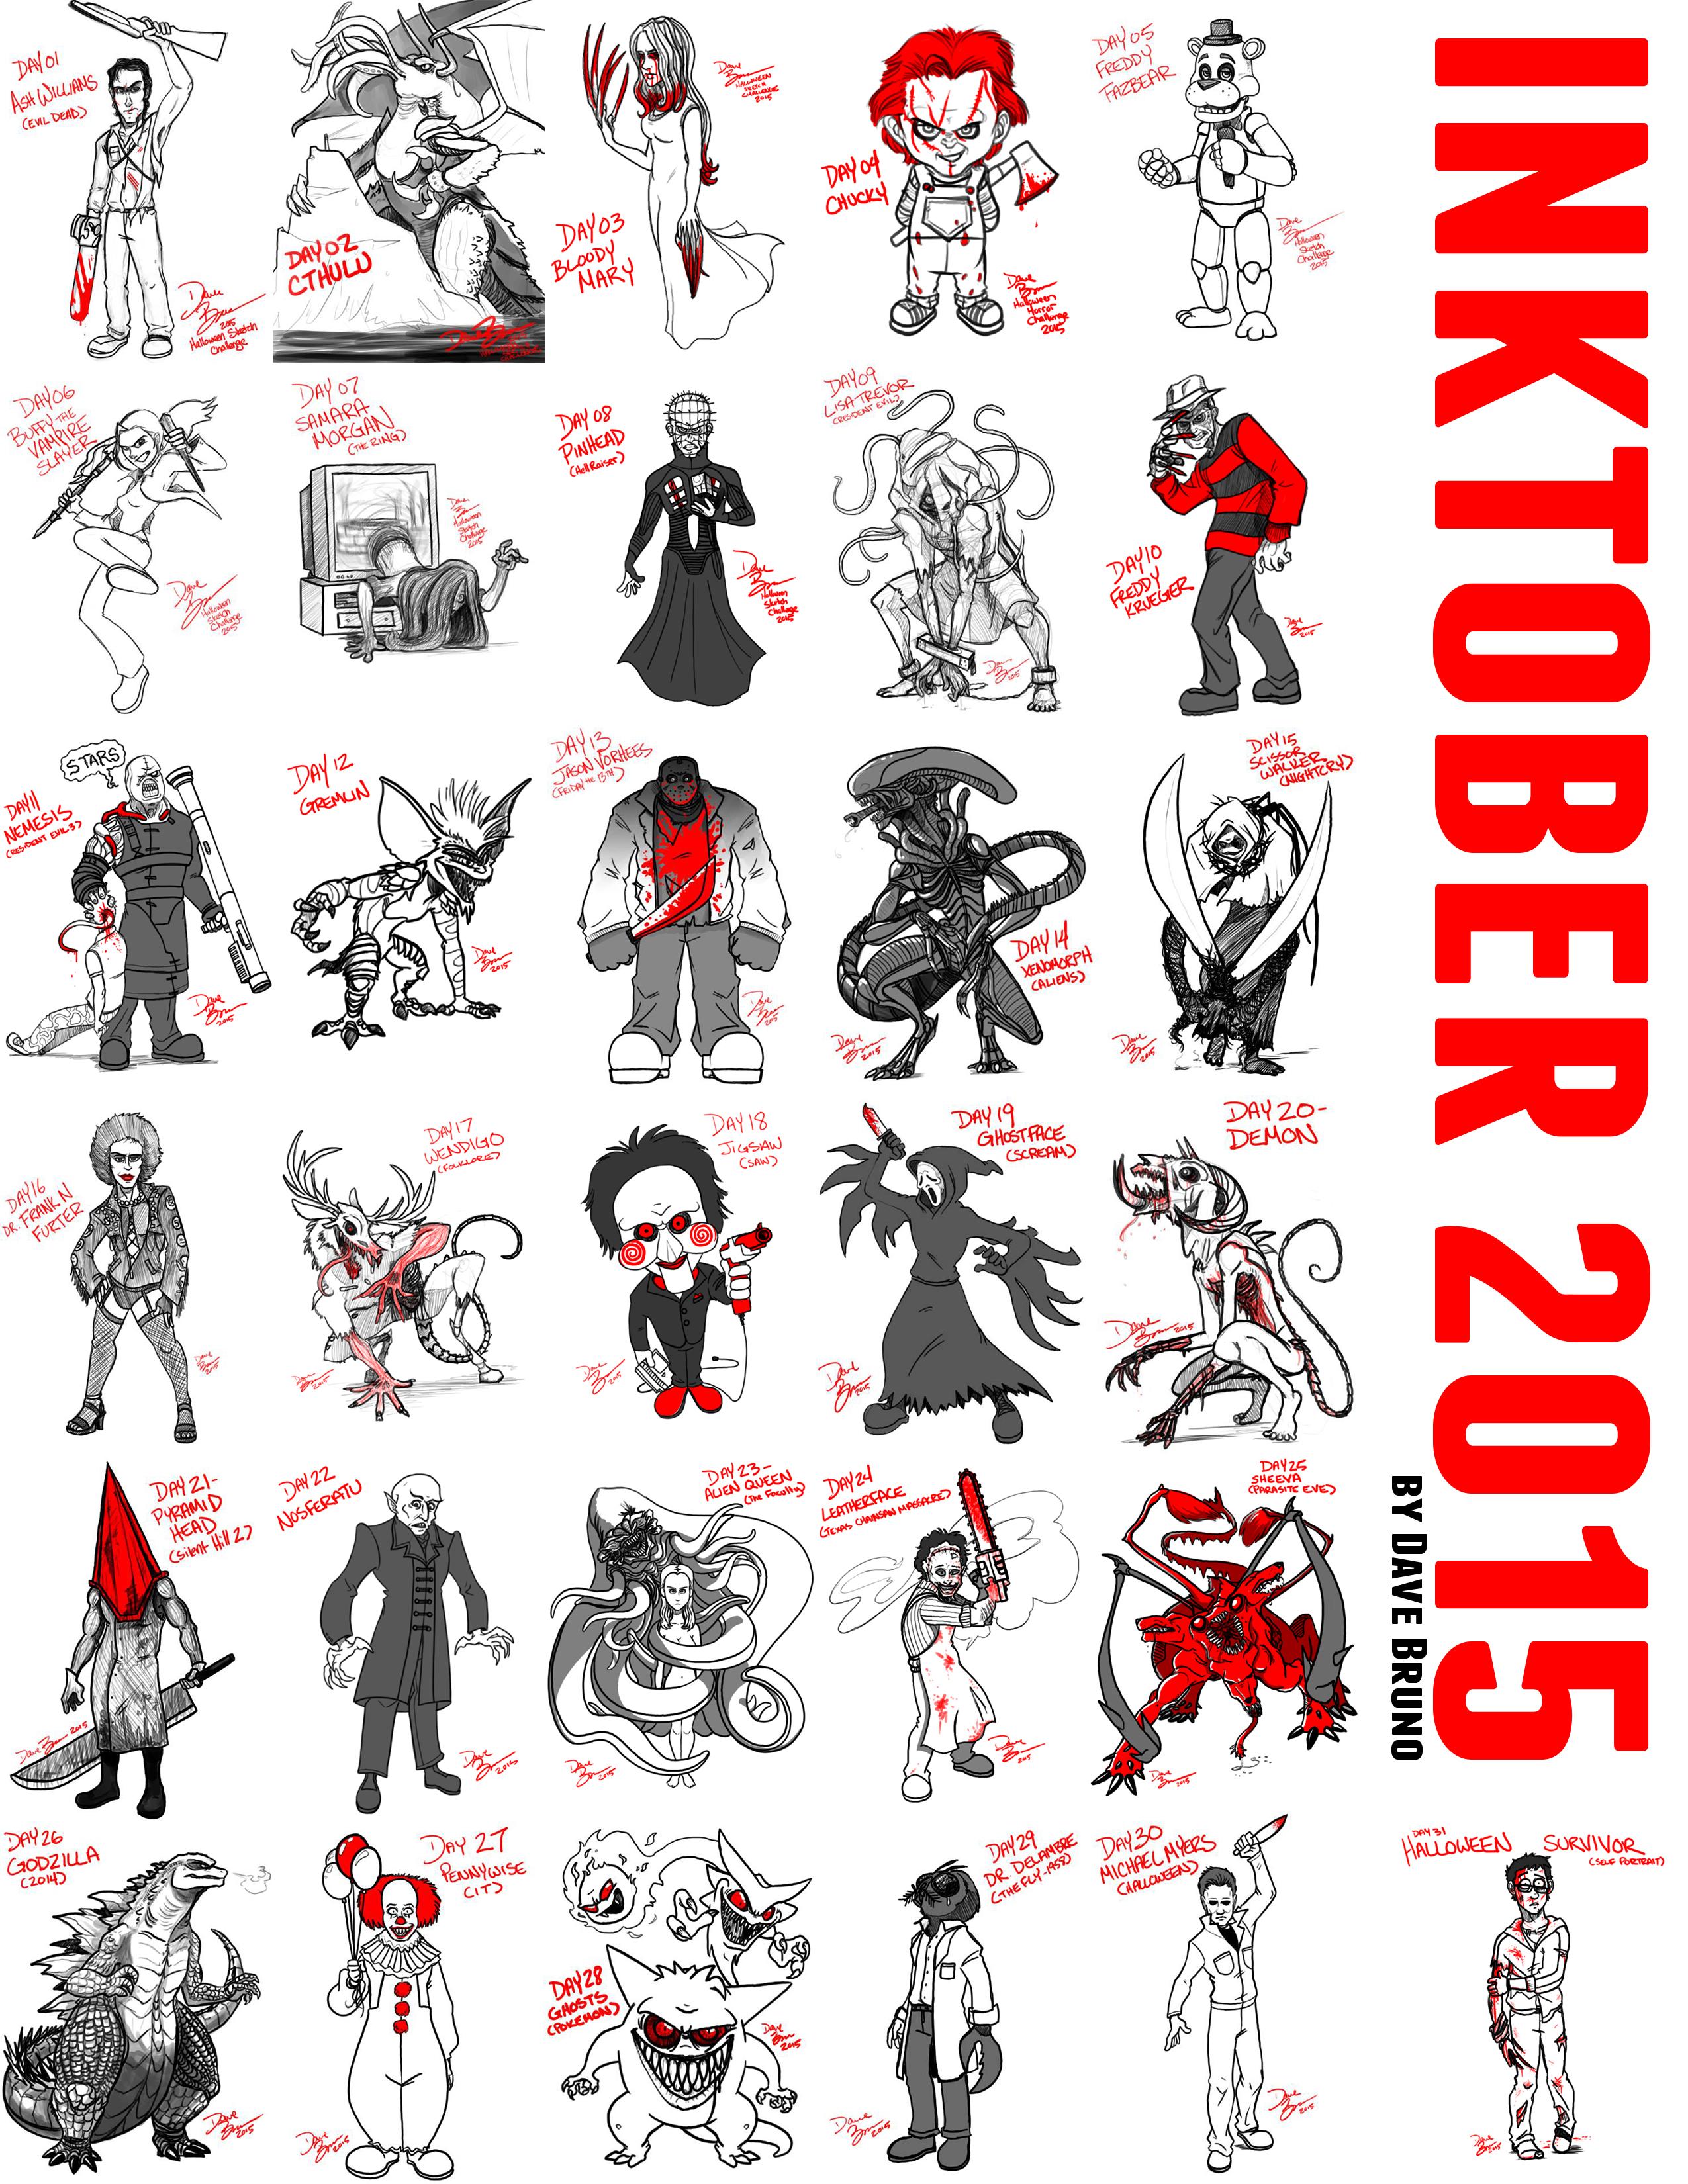 Dave Bruno's Inktober 2015